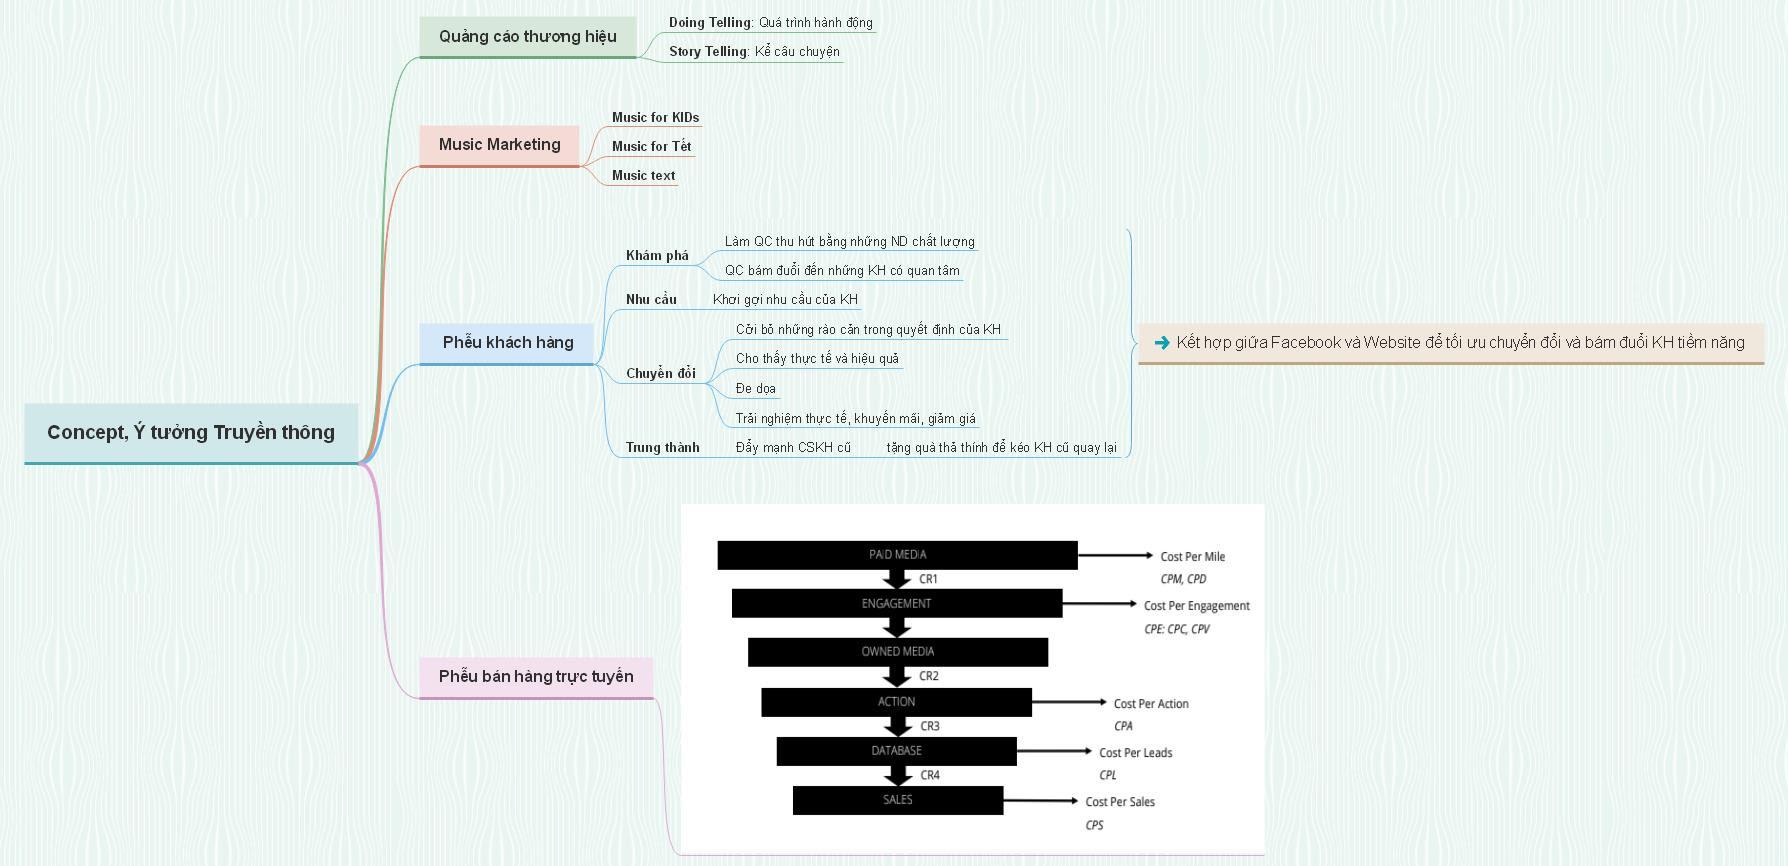 Sơ đồ kế hoạch Marketing Online 14